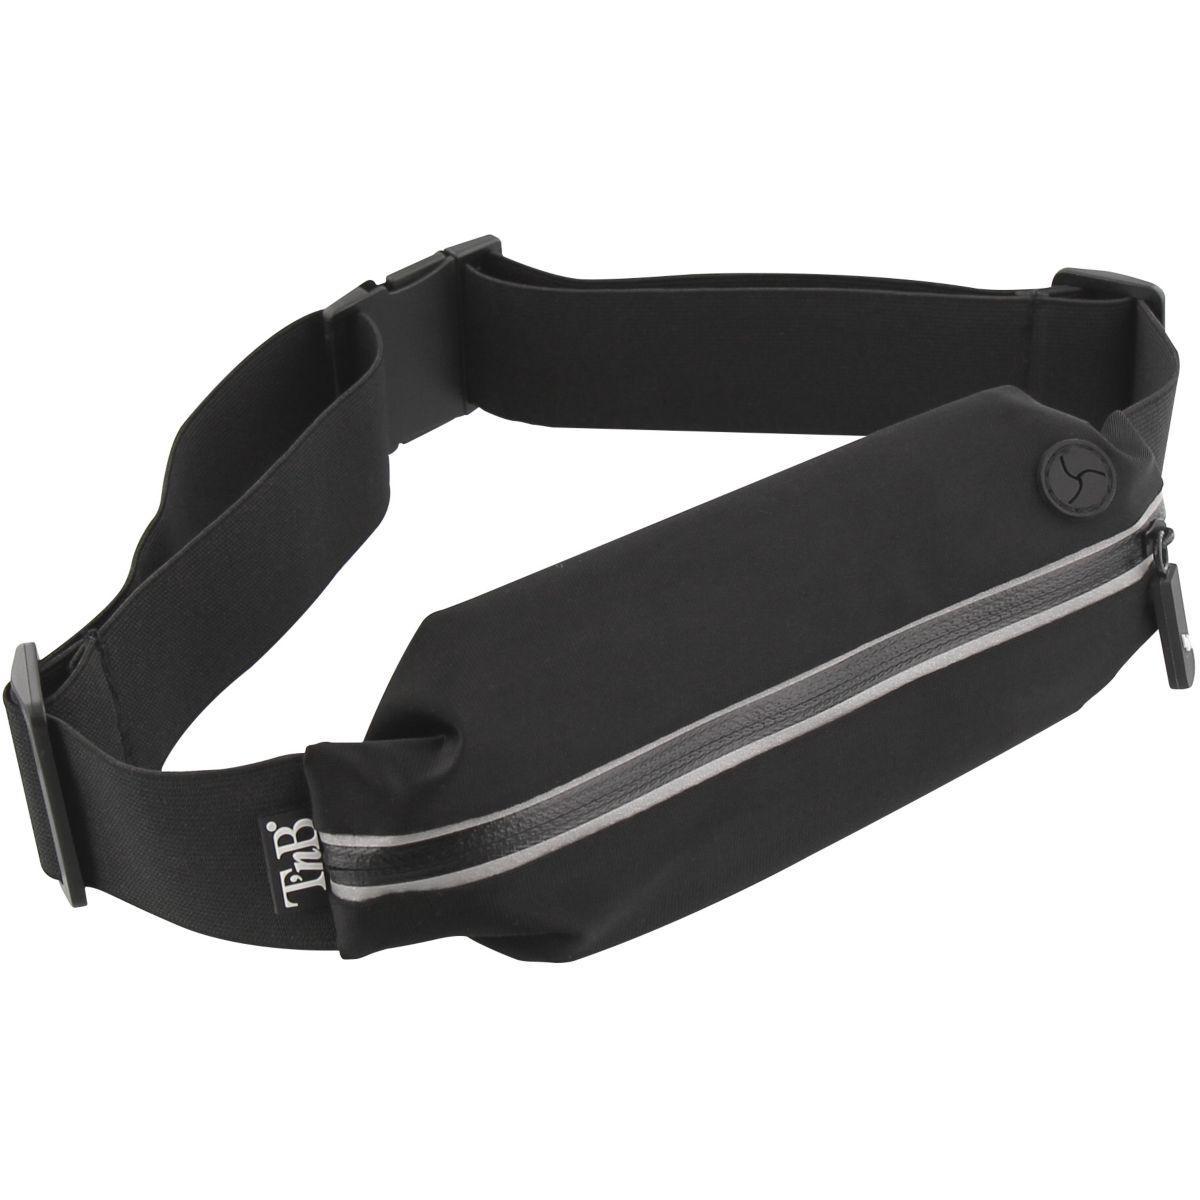 Acc. sport tnb ceinture smartphones / mp - 3% de remise immédiate avec le code : multi3 (photo)